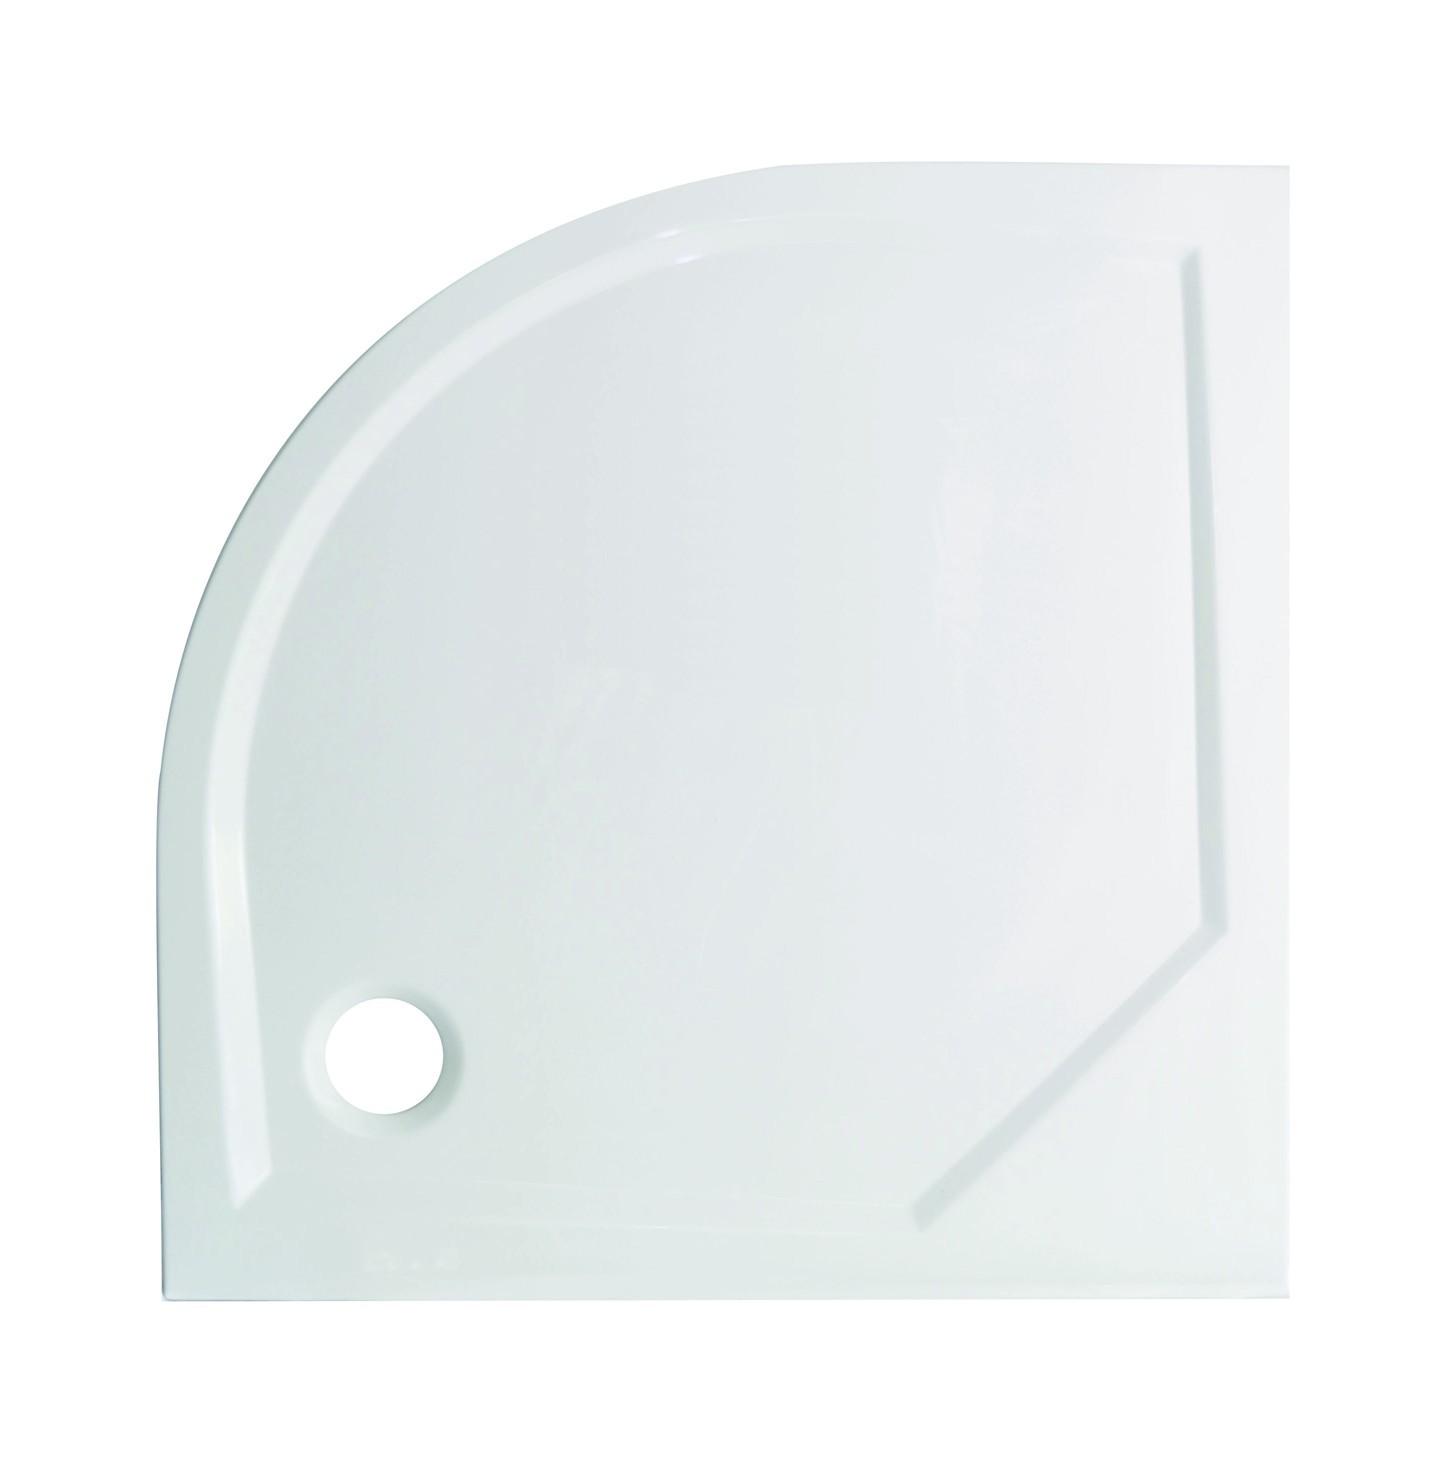 HOPA - Vanička z litého mramoru SOFIA NEW - Hloubka - 90 cm, Provedení - Univerzální, Šíře - 90 cm, Výška - 30 cm (VANKSOF90NNEW)